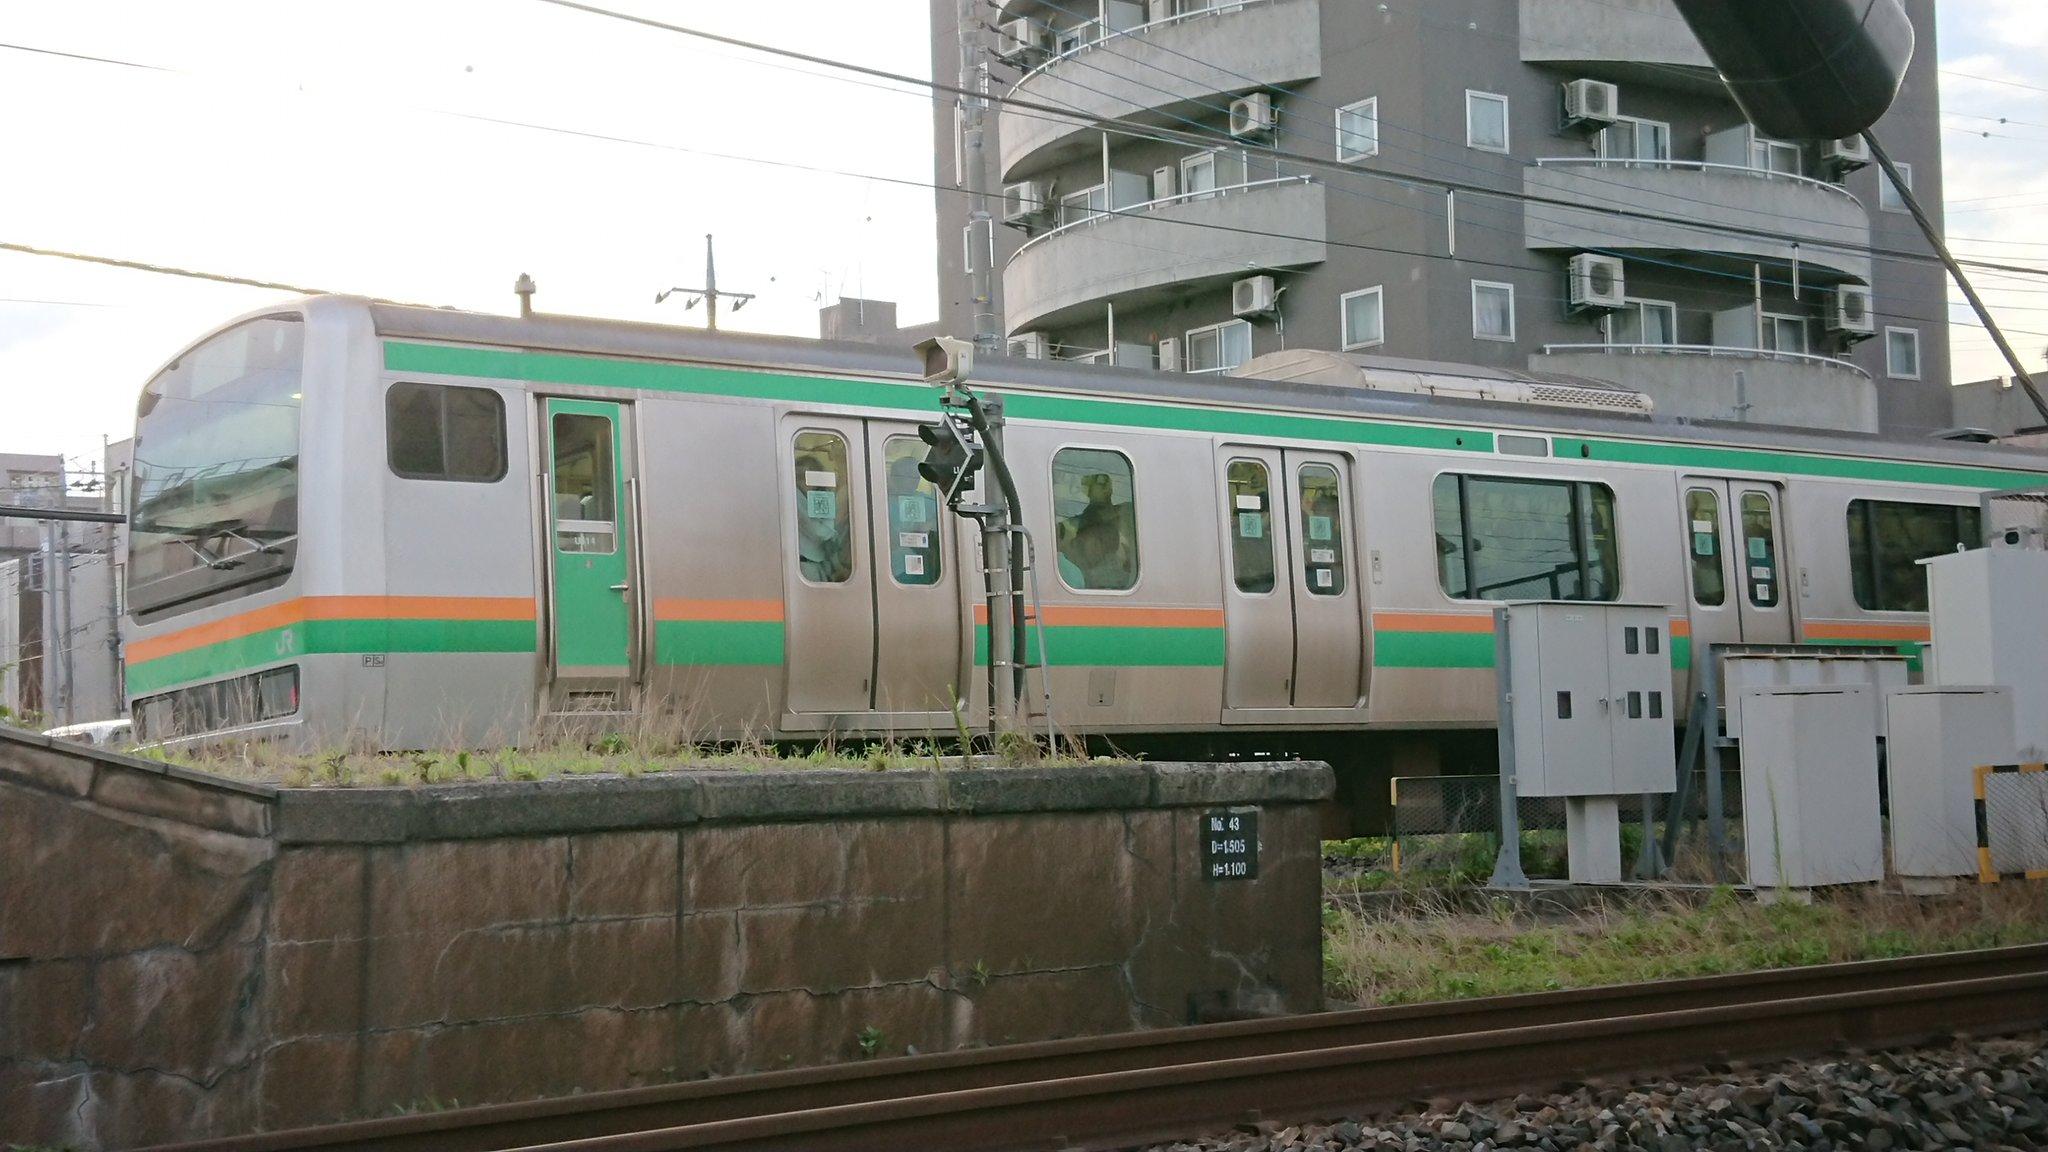 宇都宮線の東大宮駅~蓮田駅間の人身事故現場の画像